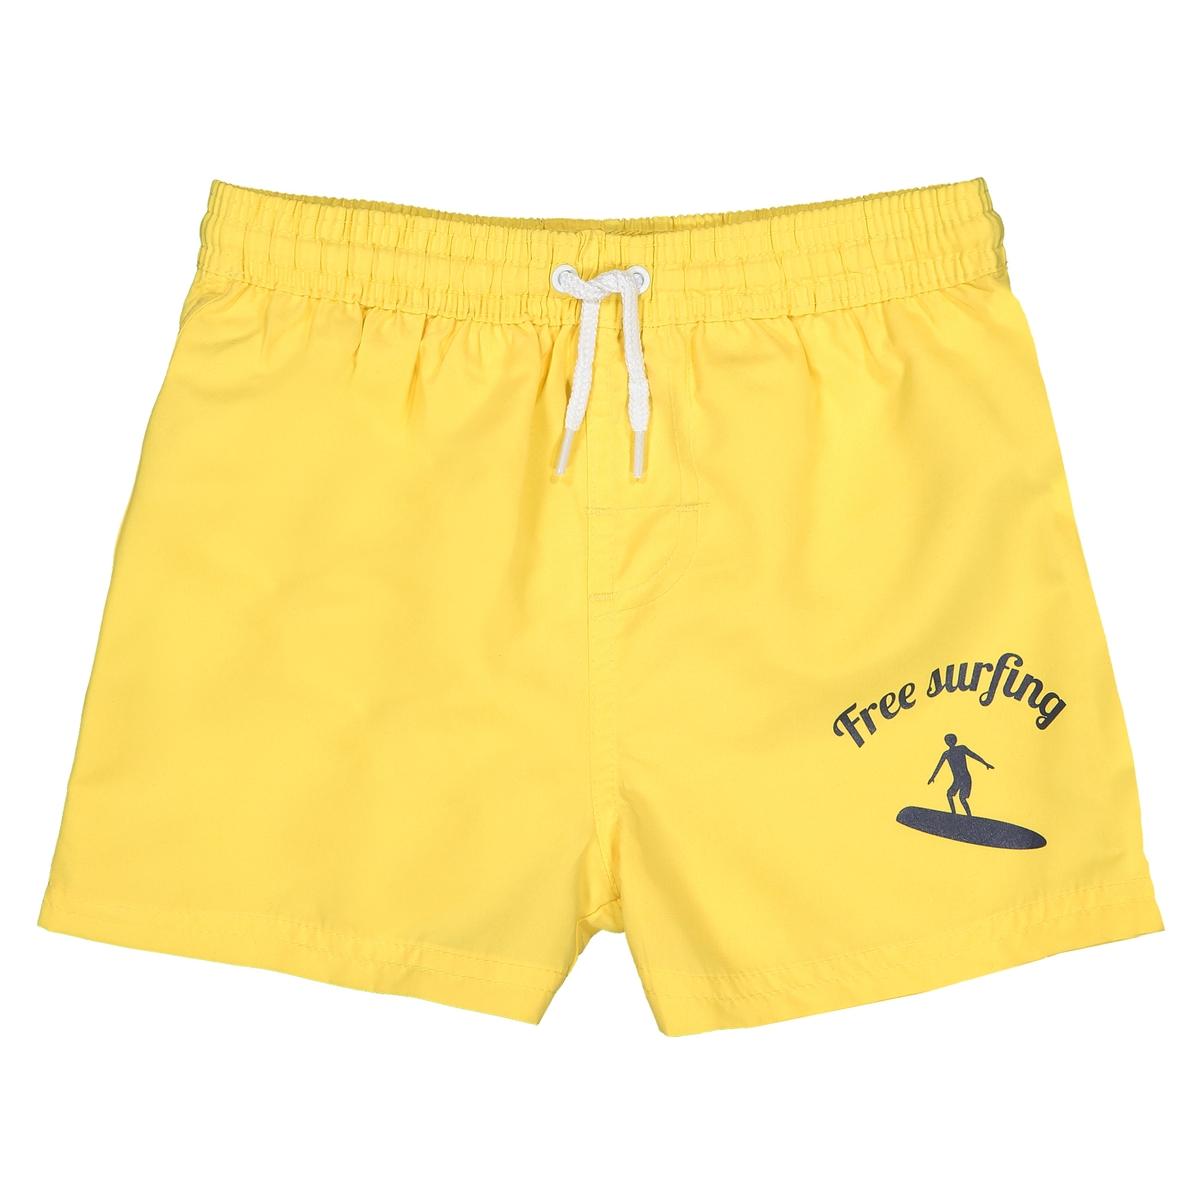 Шорты La Redoute Плавательные с принтом спереди 5 лет - 108 см желтый шорты la redoute плавательные с принтом крабы 8 лет 126 см синий